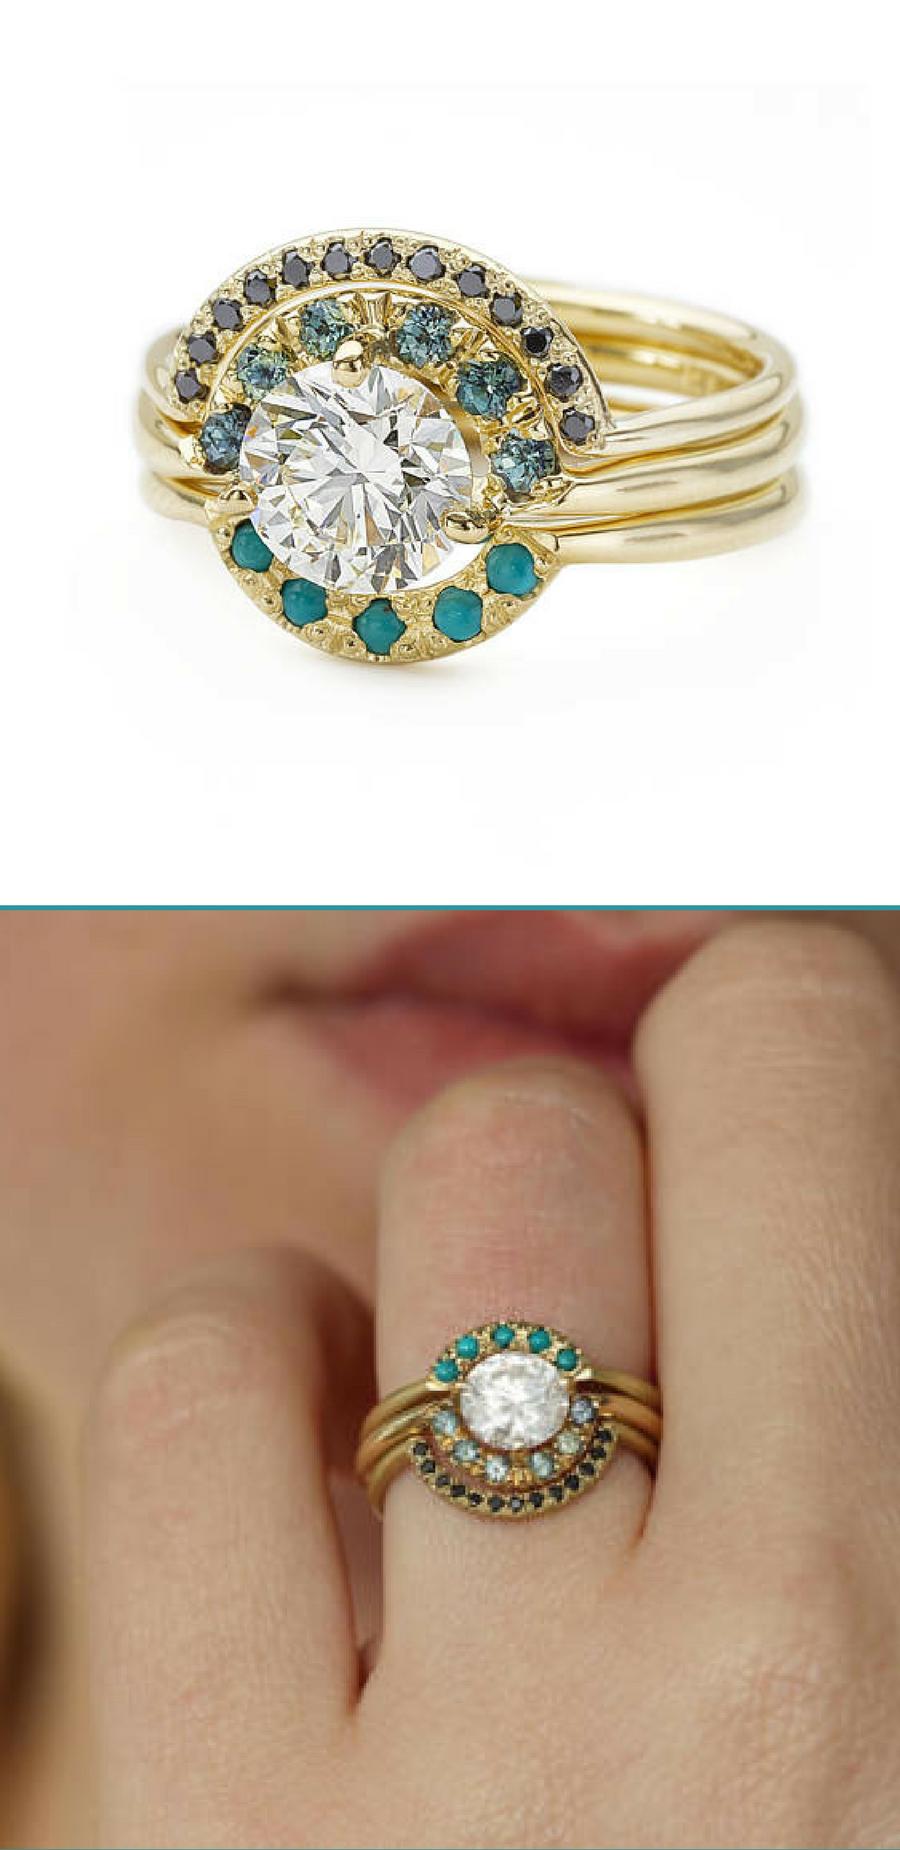 I absolutely LOVE this wedding ring set Boho Wedding